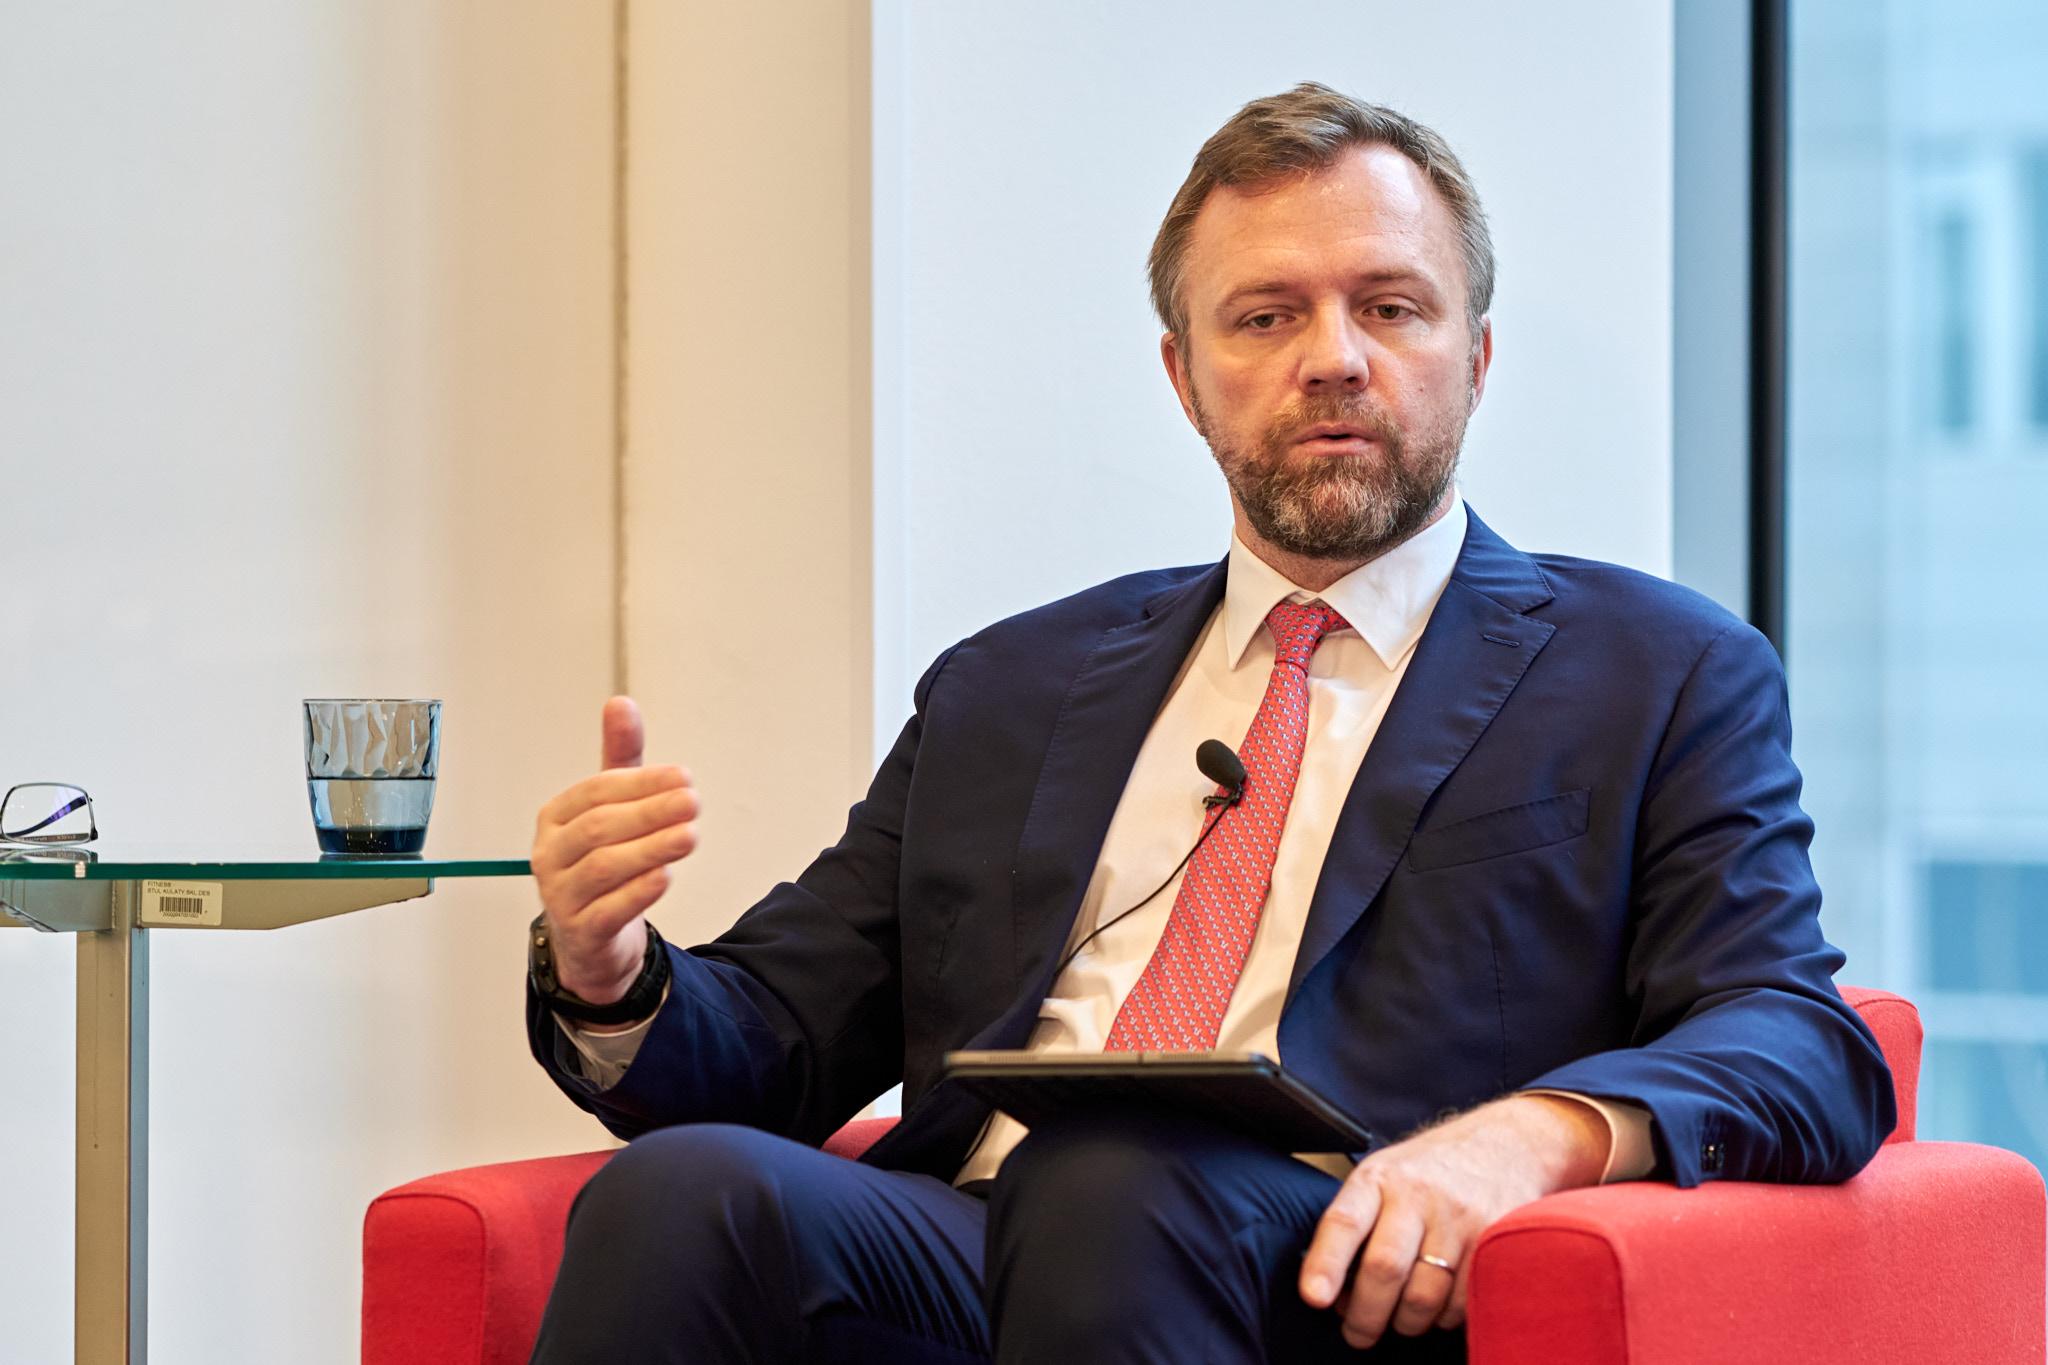 jaderná energie - Přechod k bezemisní energetice se Česku vyplatí. Potřebuje ale dobrou strategii a nové investiční nástroje - Nové bloky v ČR (Jan Juchelka) 2